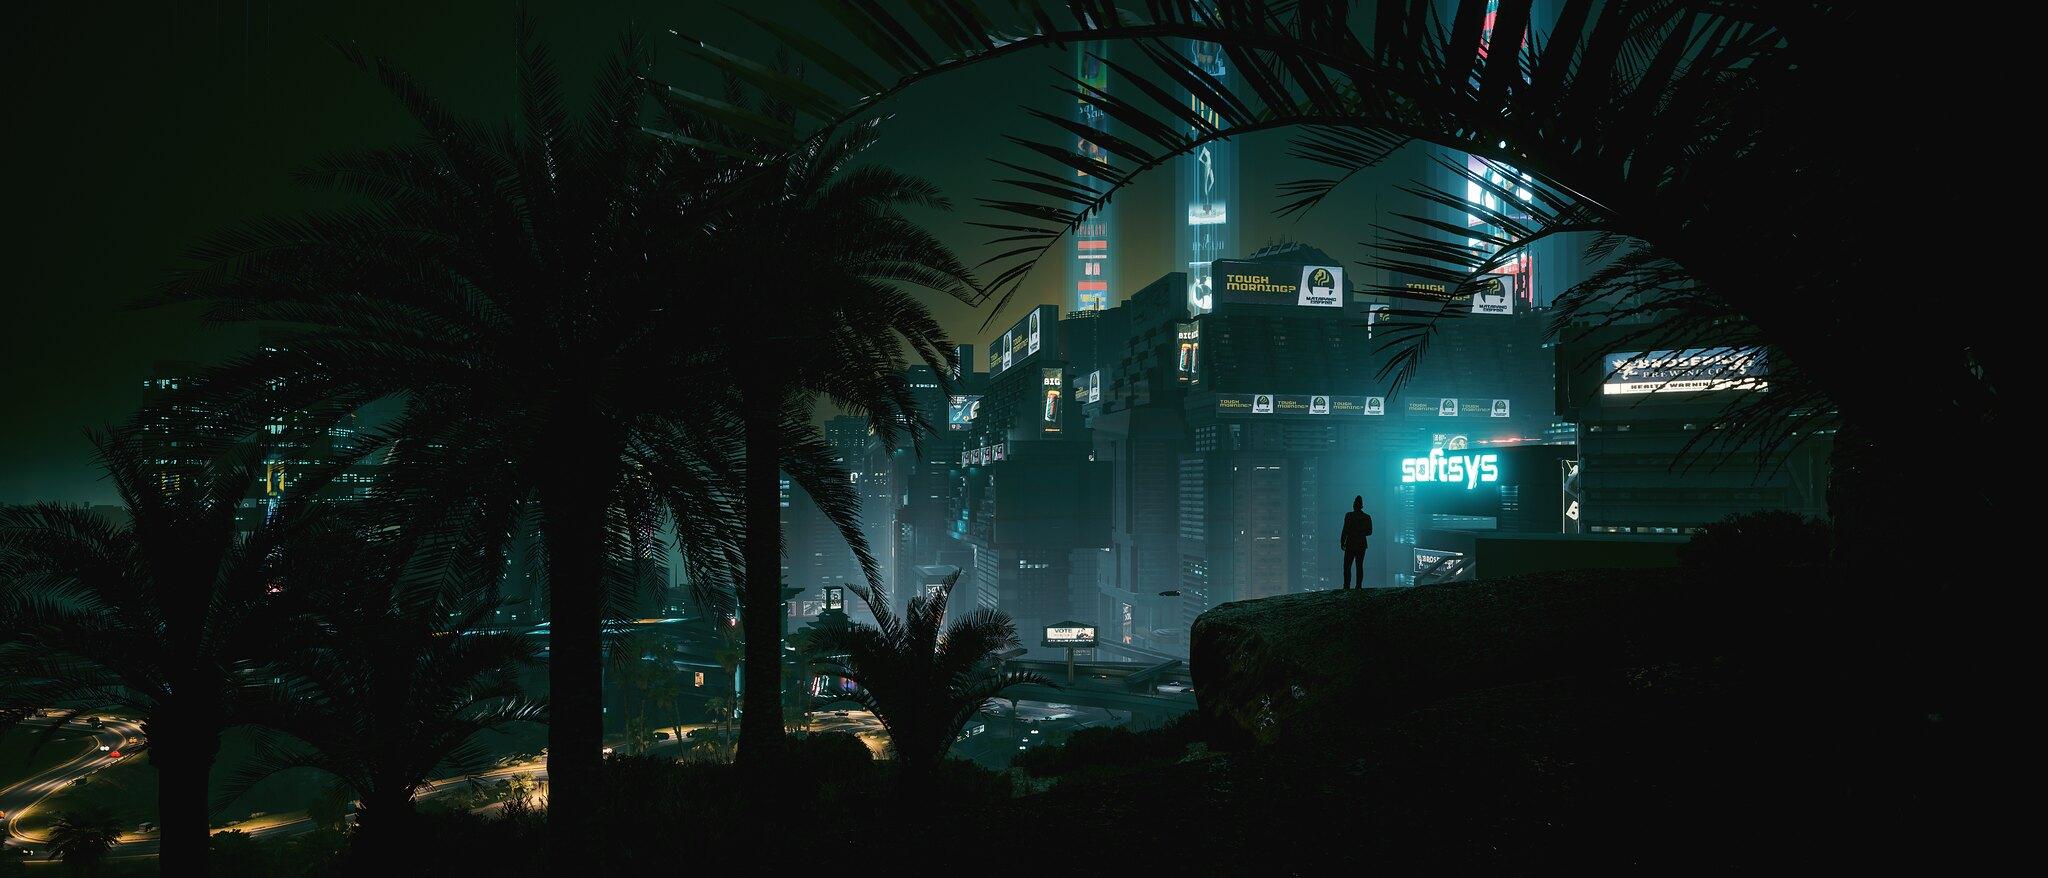 Колонка: Главные проблемы Cyberpunk 2077 — это высокий темп и нехватка глубины